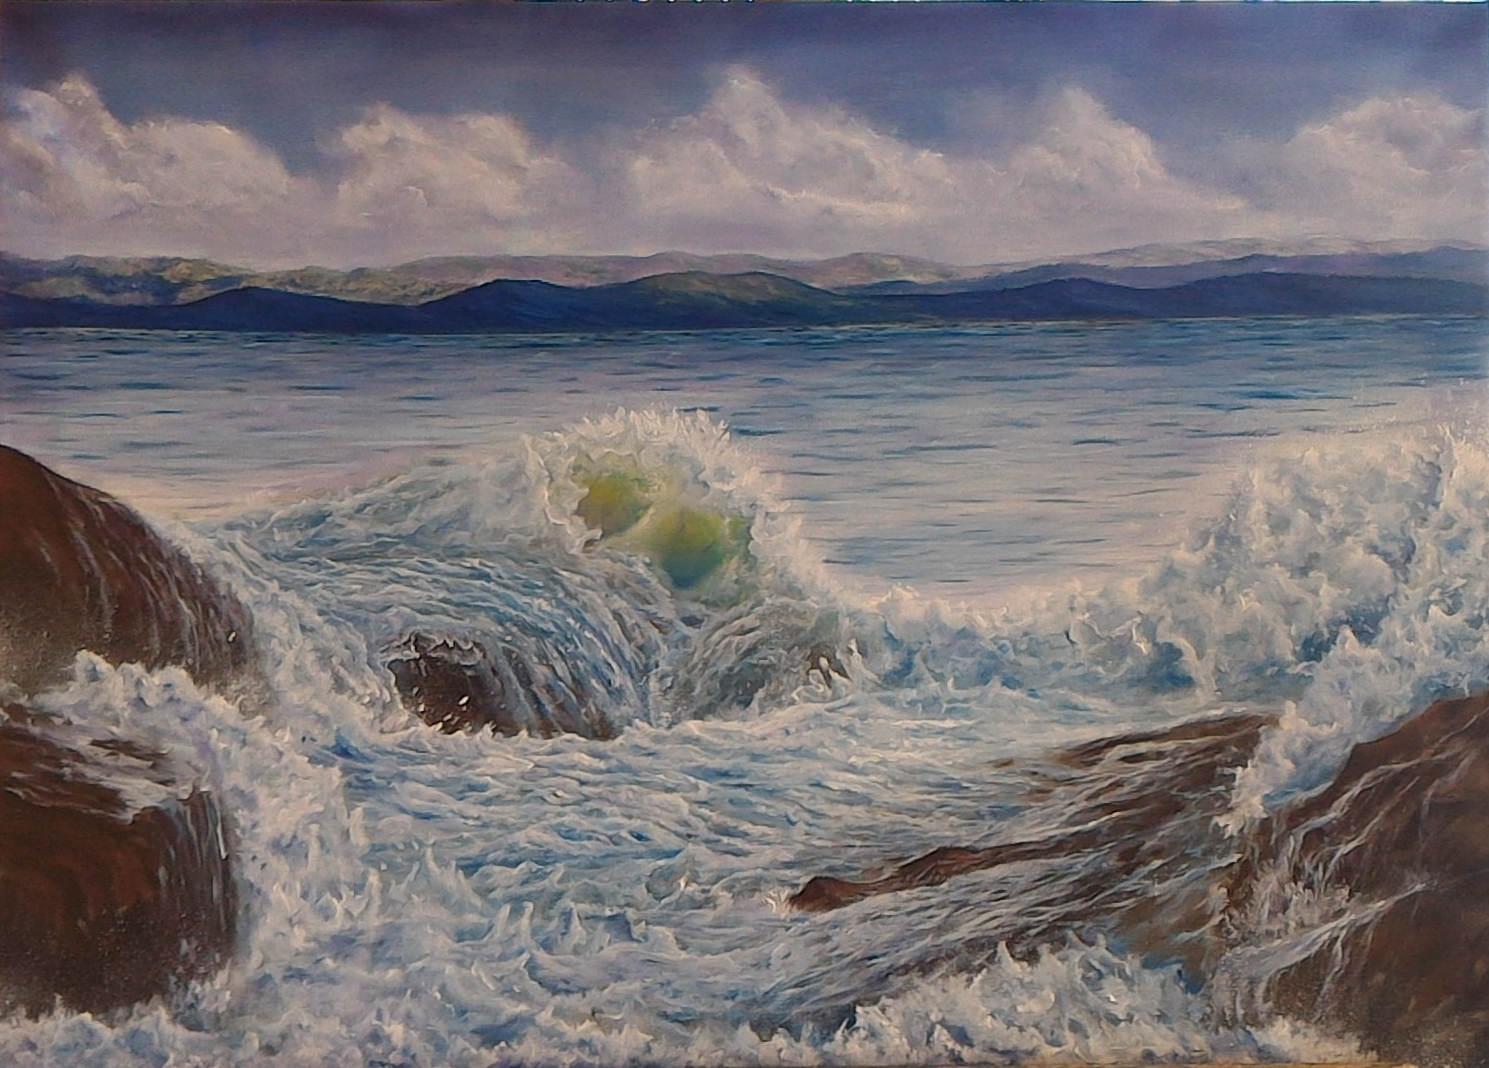 paesaggi-marini Archivi | Artisti del Mare